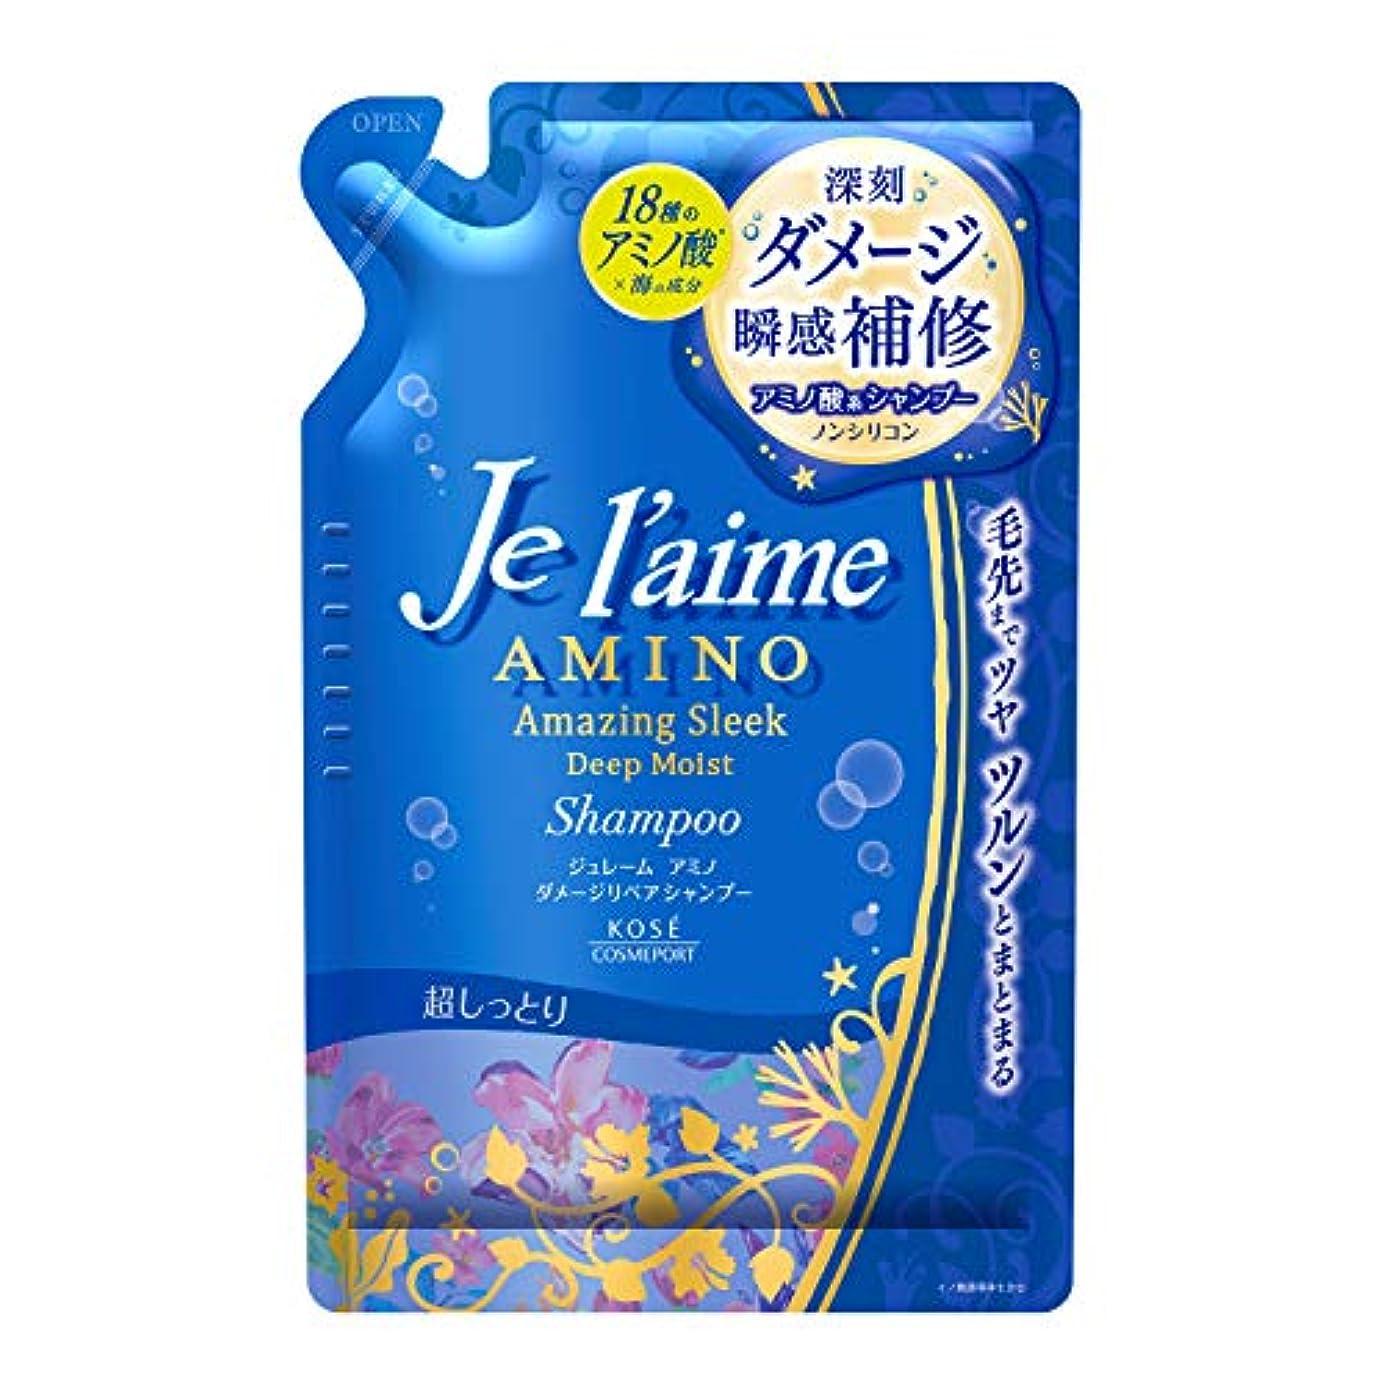 抜本的な割り込み葉KOSE コーセー ジュレーム アミノ ダメージ リペア シャンプー アミノ酸 配合 (ディープモイスト) つめかえ 400ml